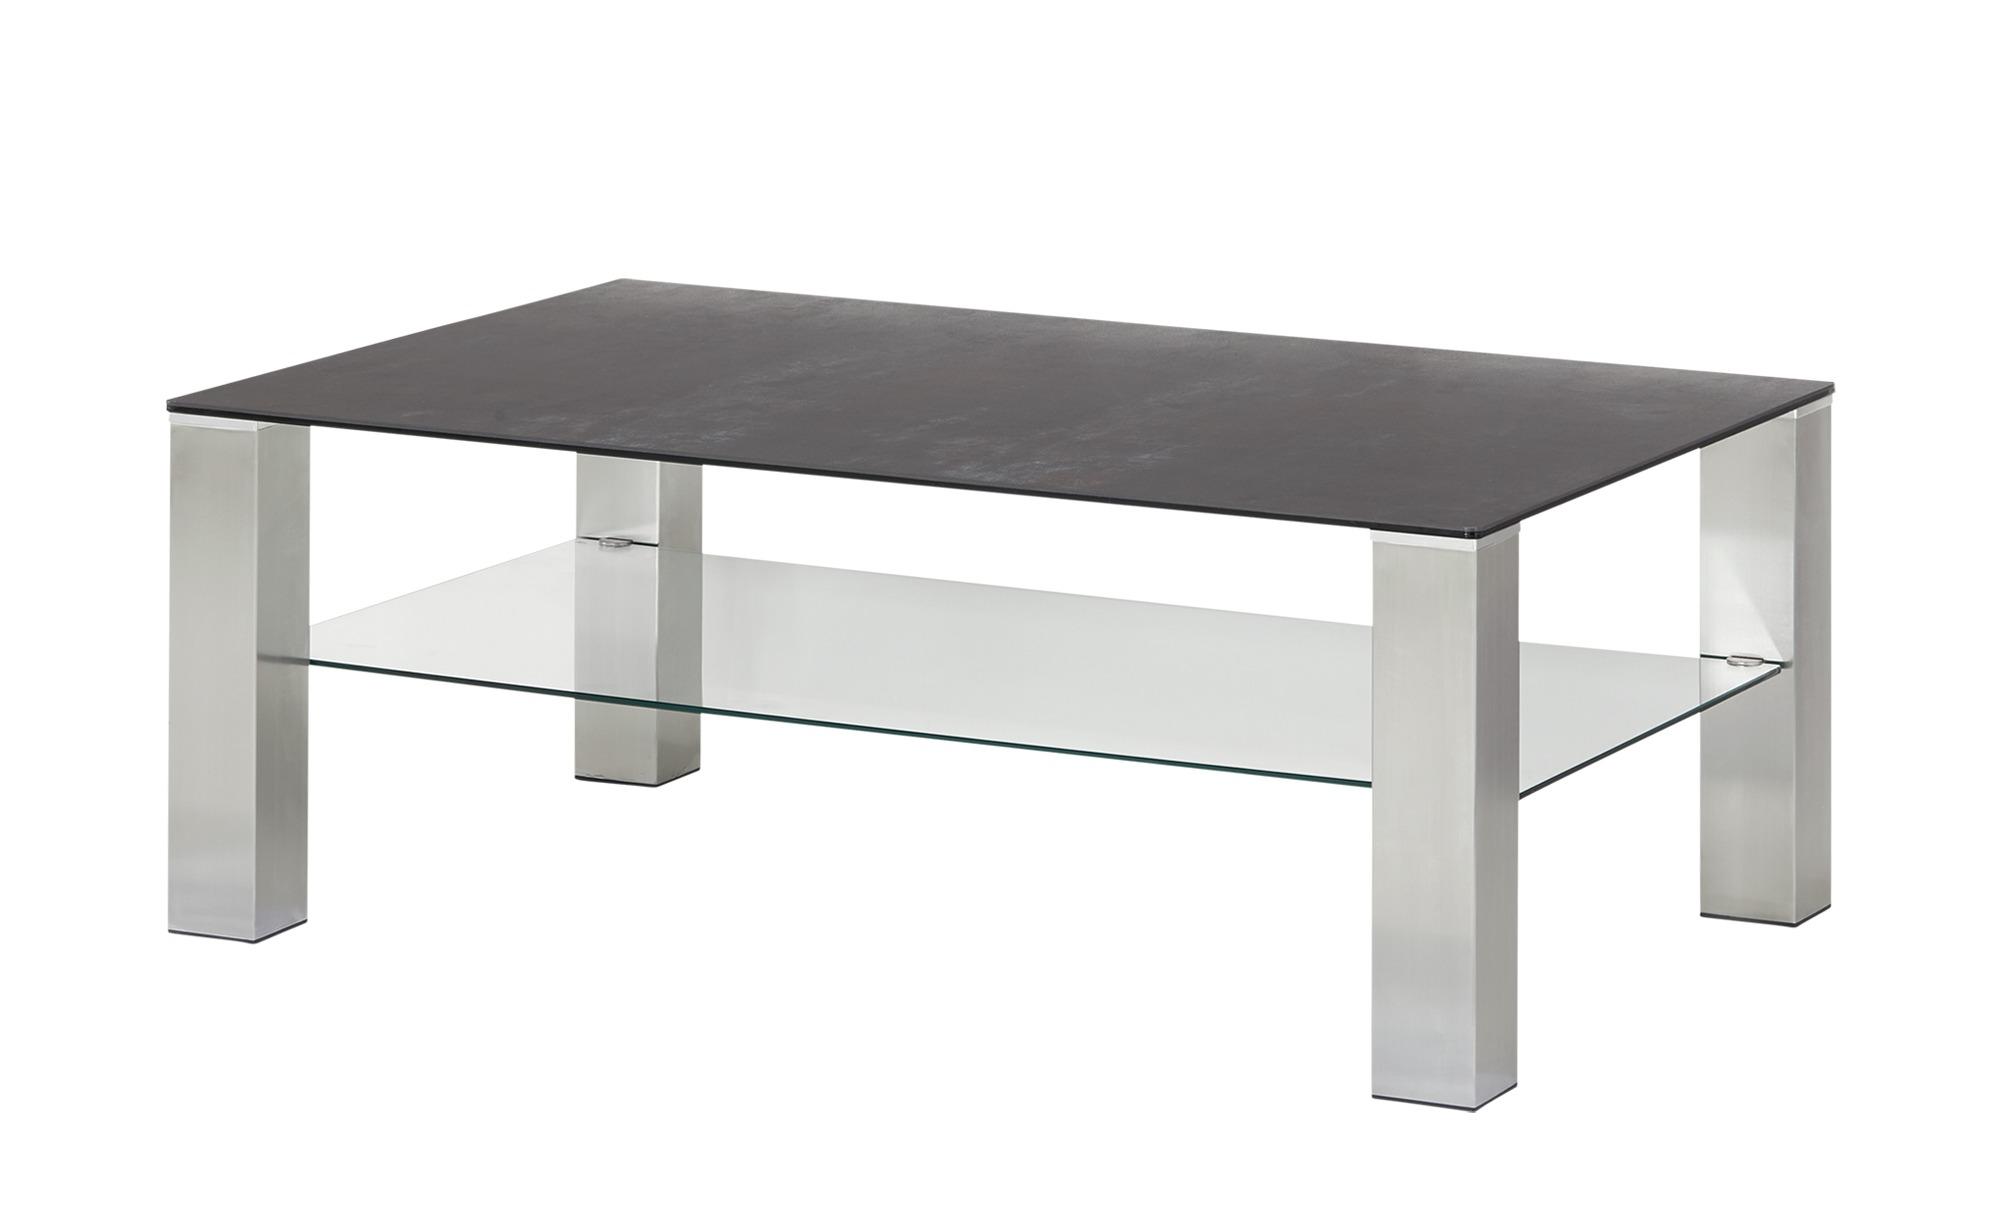 Couchtisch  Davina ¦ grau ¦ Maße (cm): B: 70 H: 42,5 Tische > Couchtische > Couchtische rechteckig - Höffner